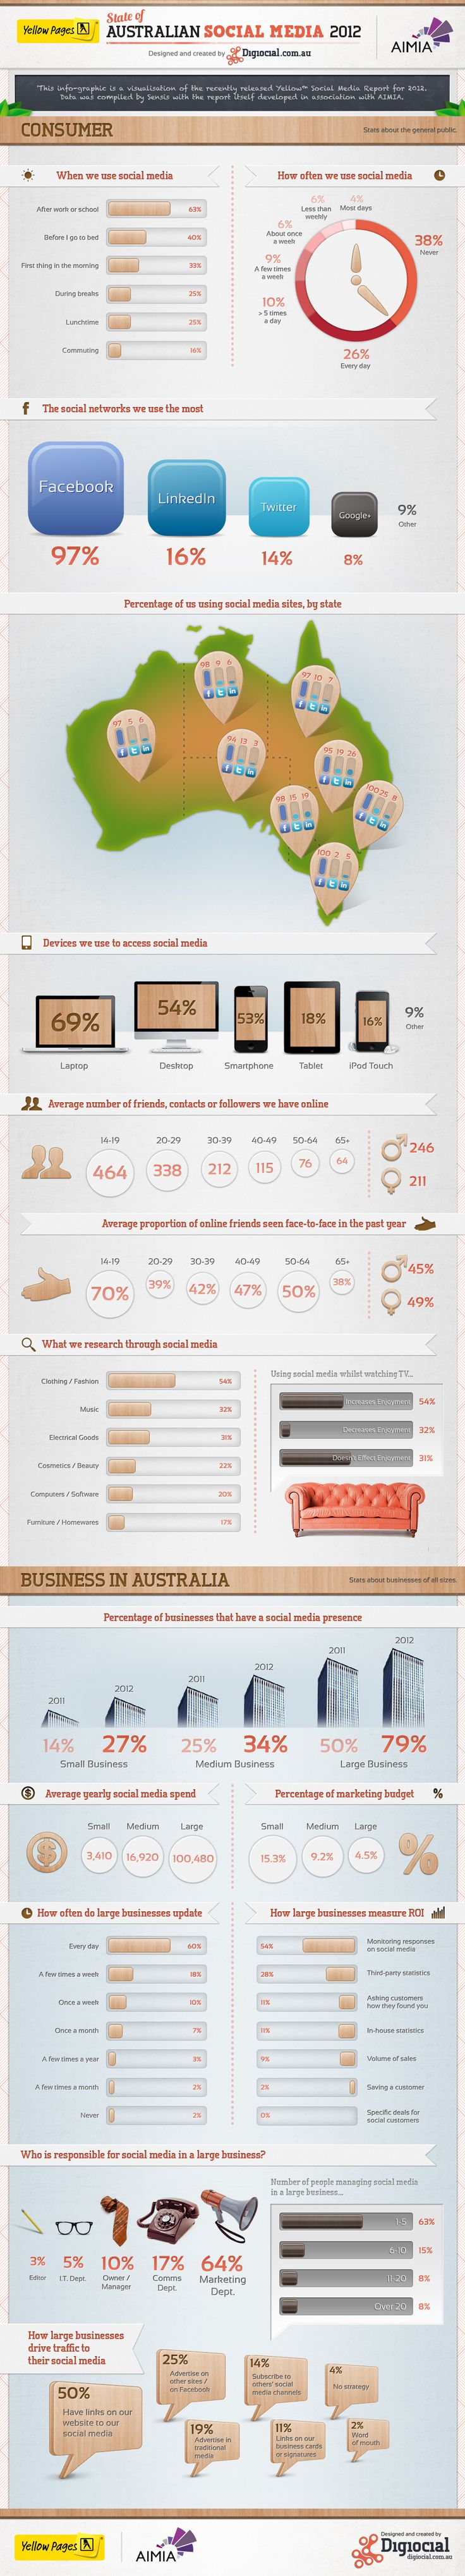 State of Australian Social Media 2012